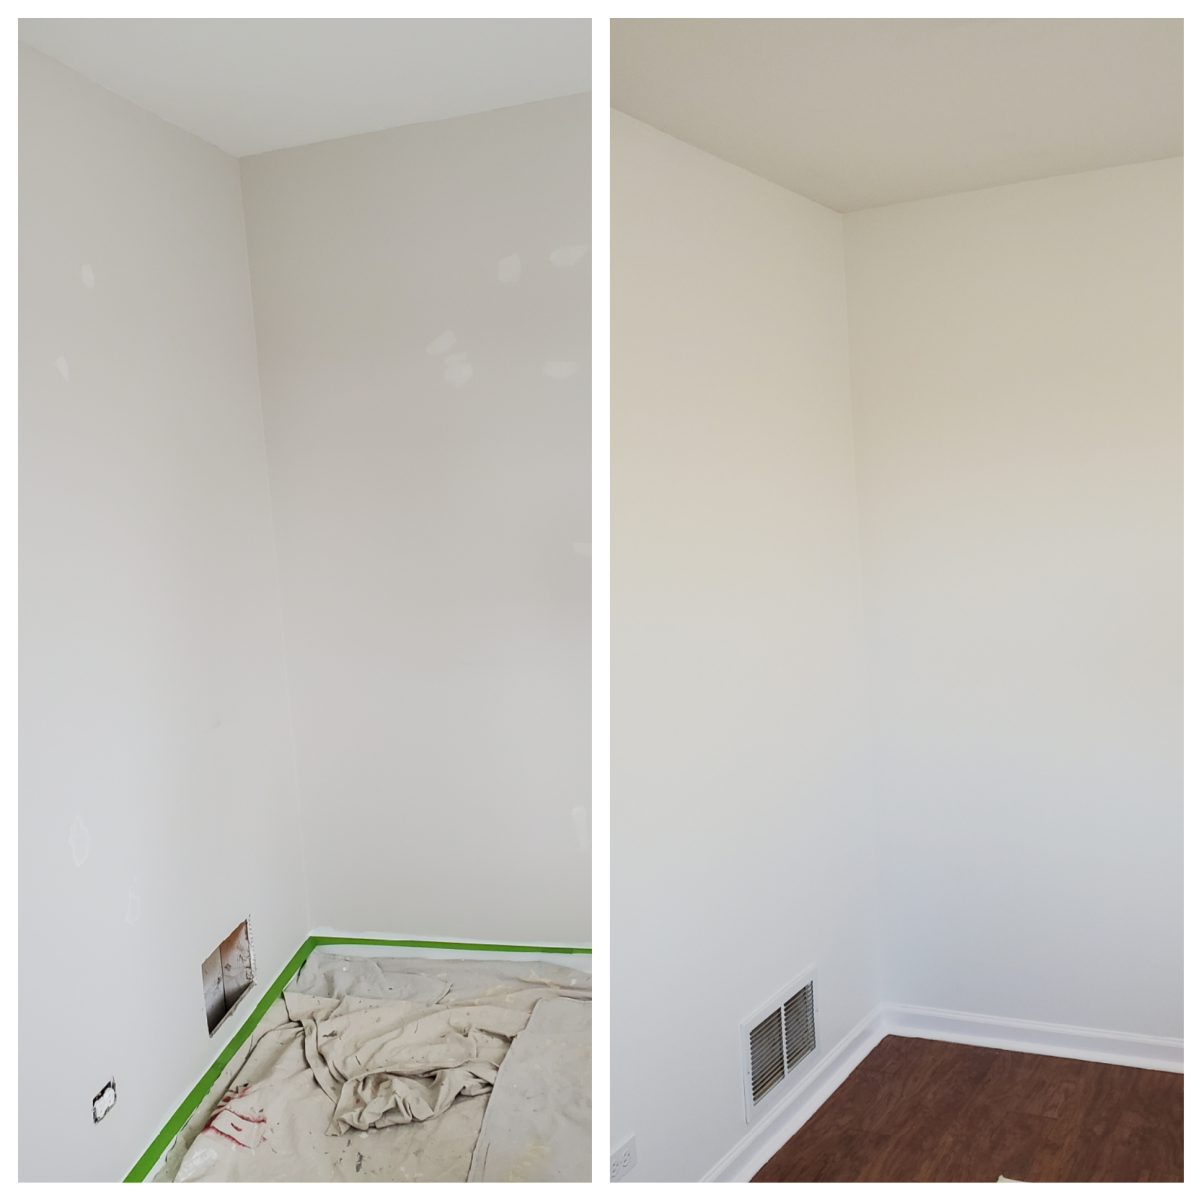 my-review-of-benjamin-moore-regal-select-interior-paint